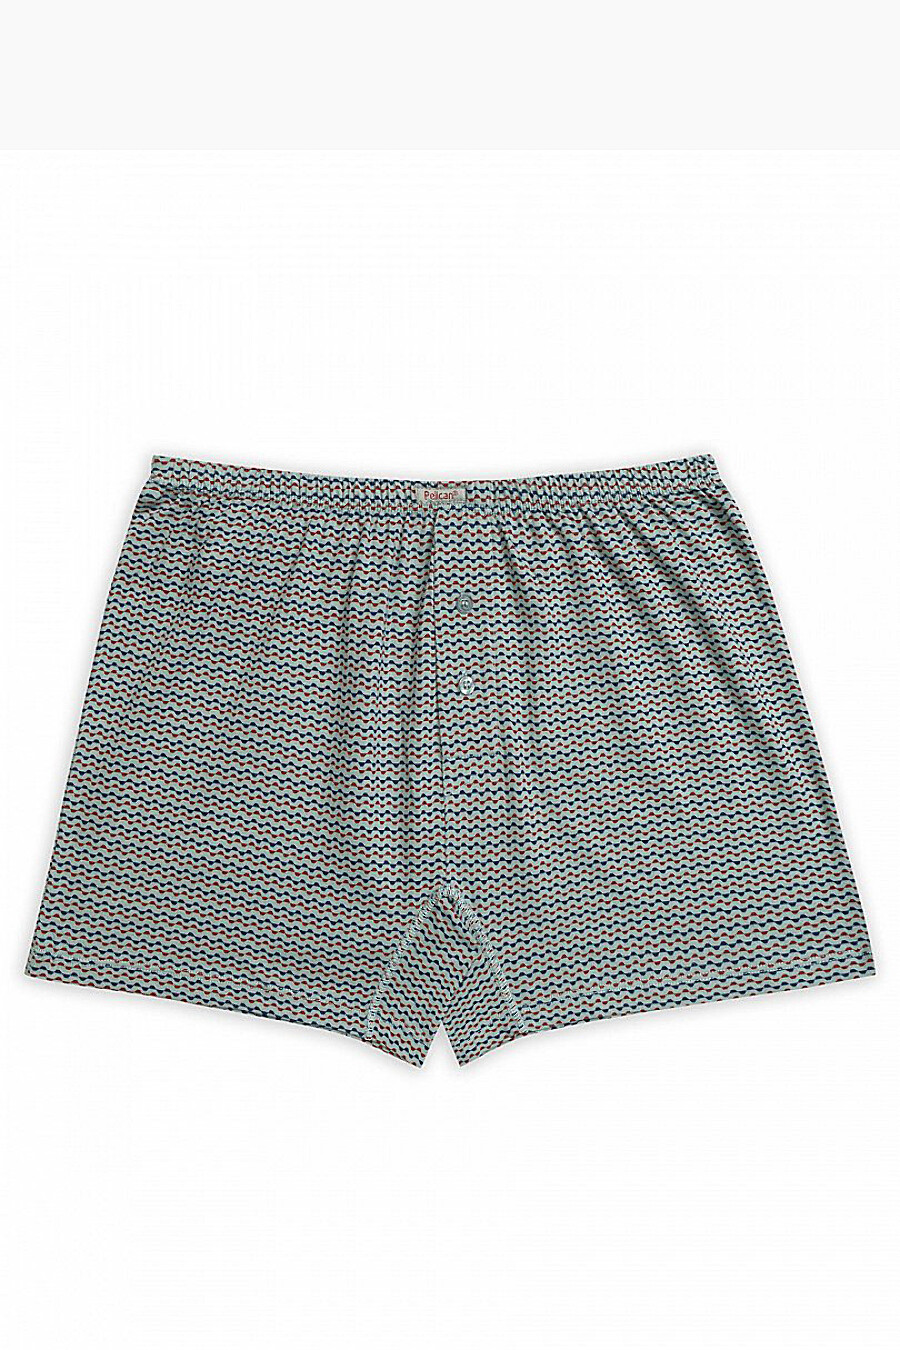 Трусы для мужчин PELICAN 123367 купить оптом от производителя. Совместная покупка мужской одежды в OptMoyo